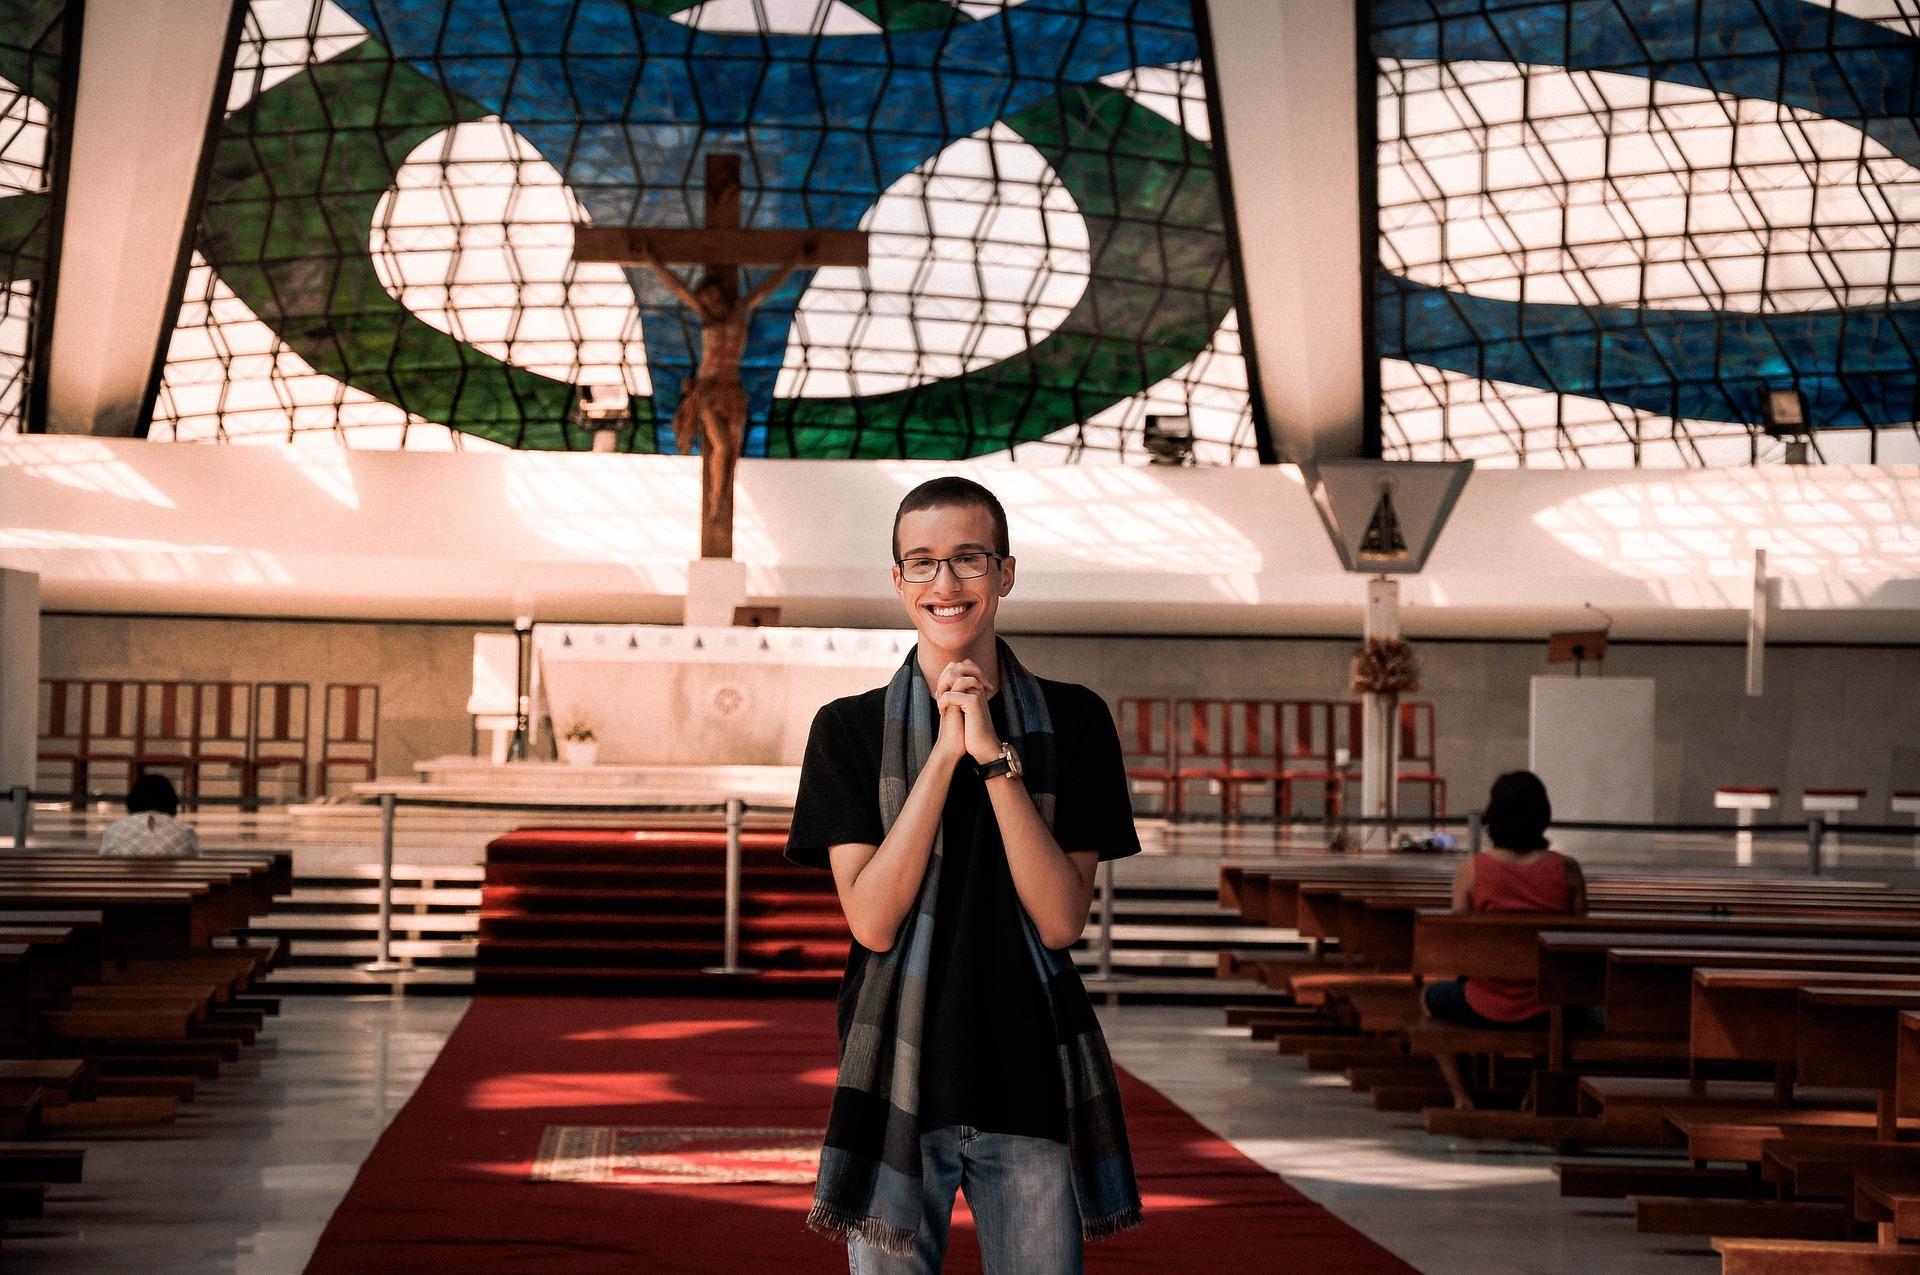 church offering prayer - HD1280×850